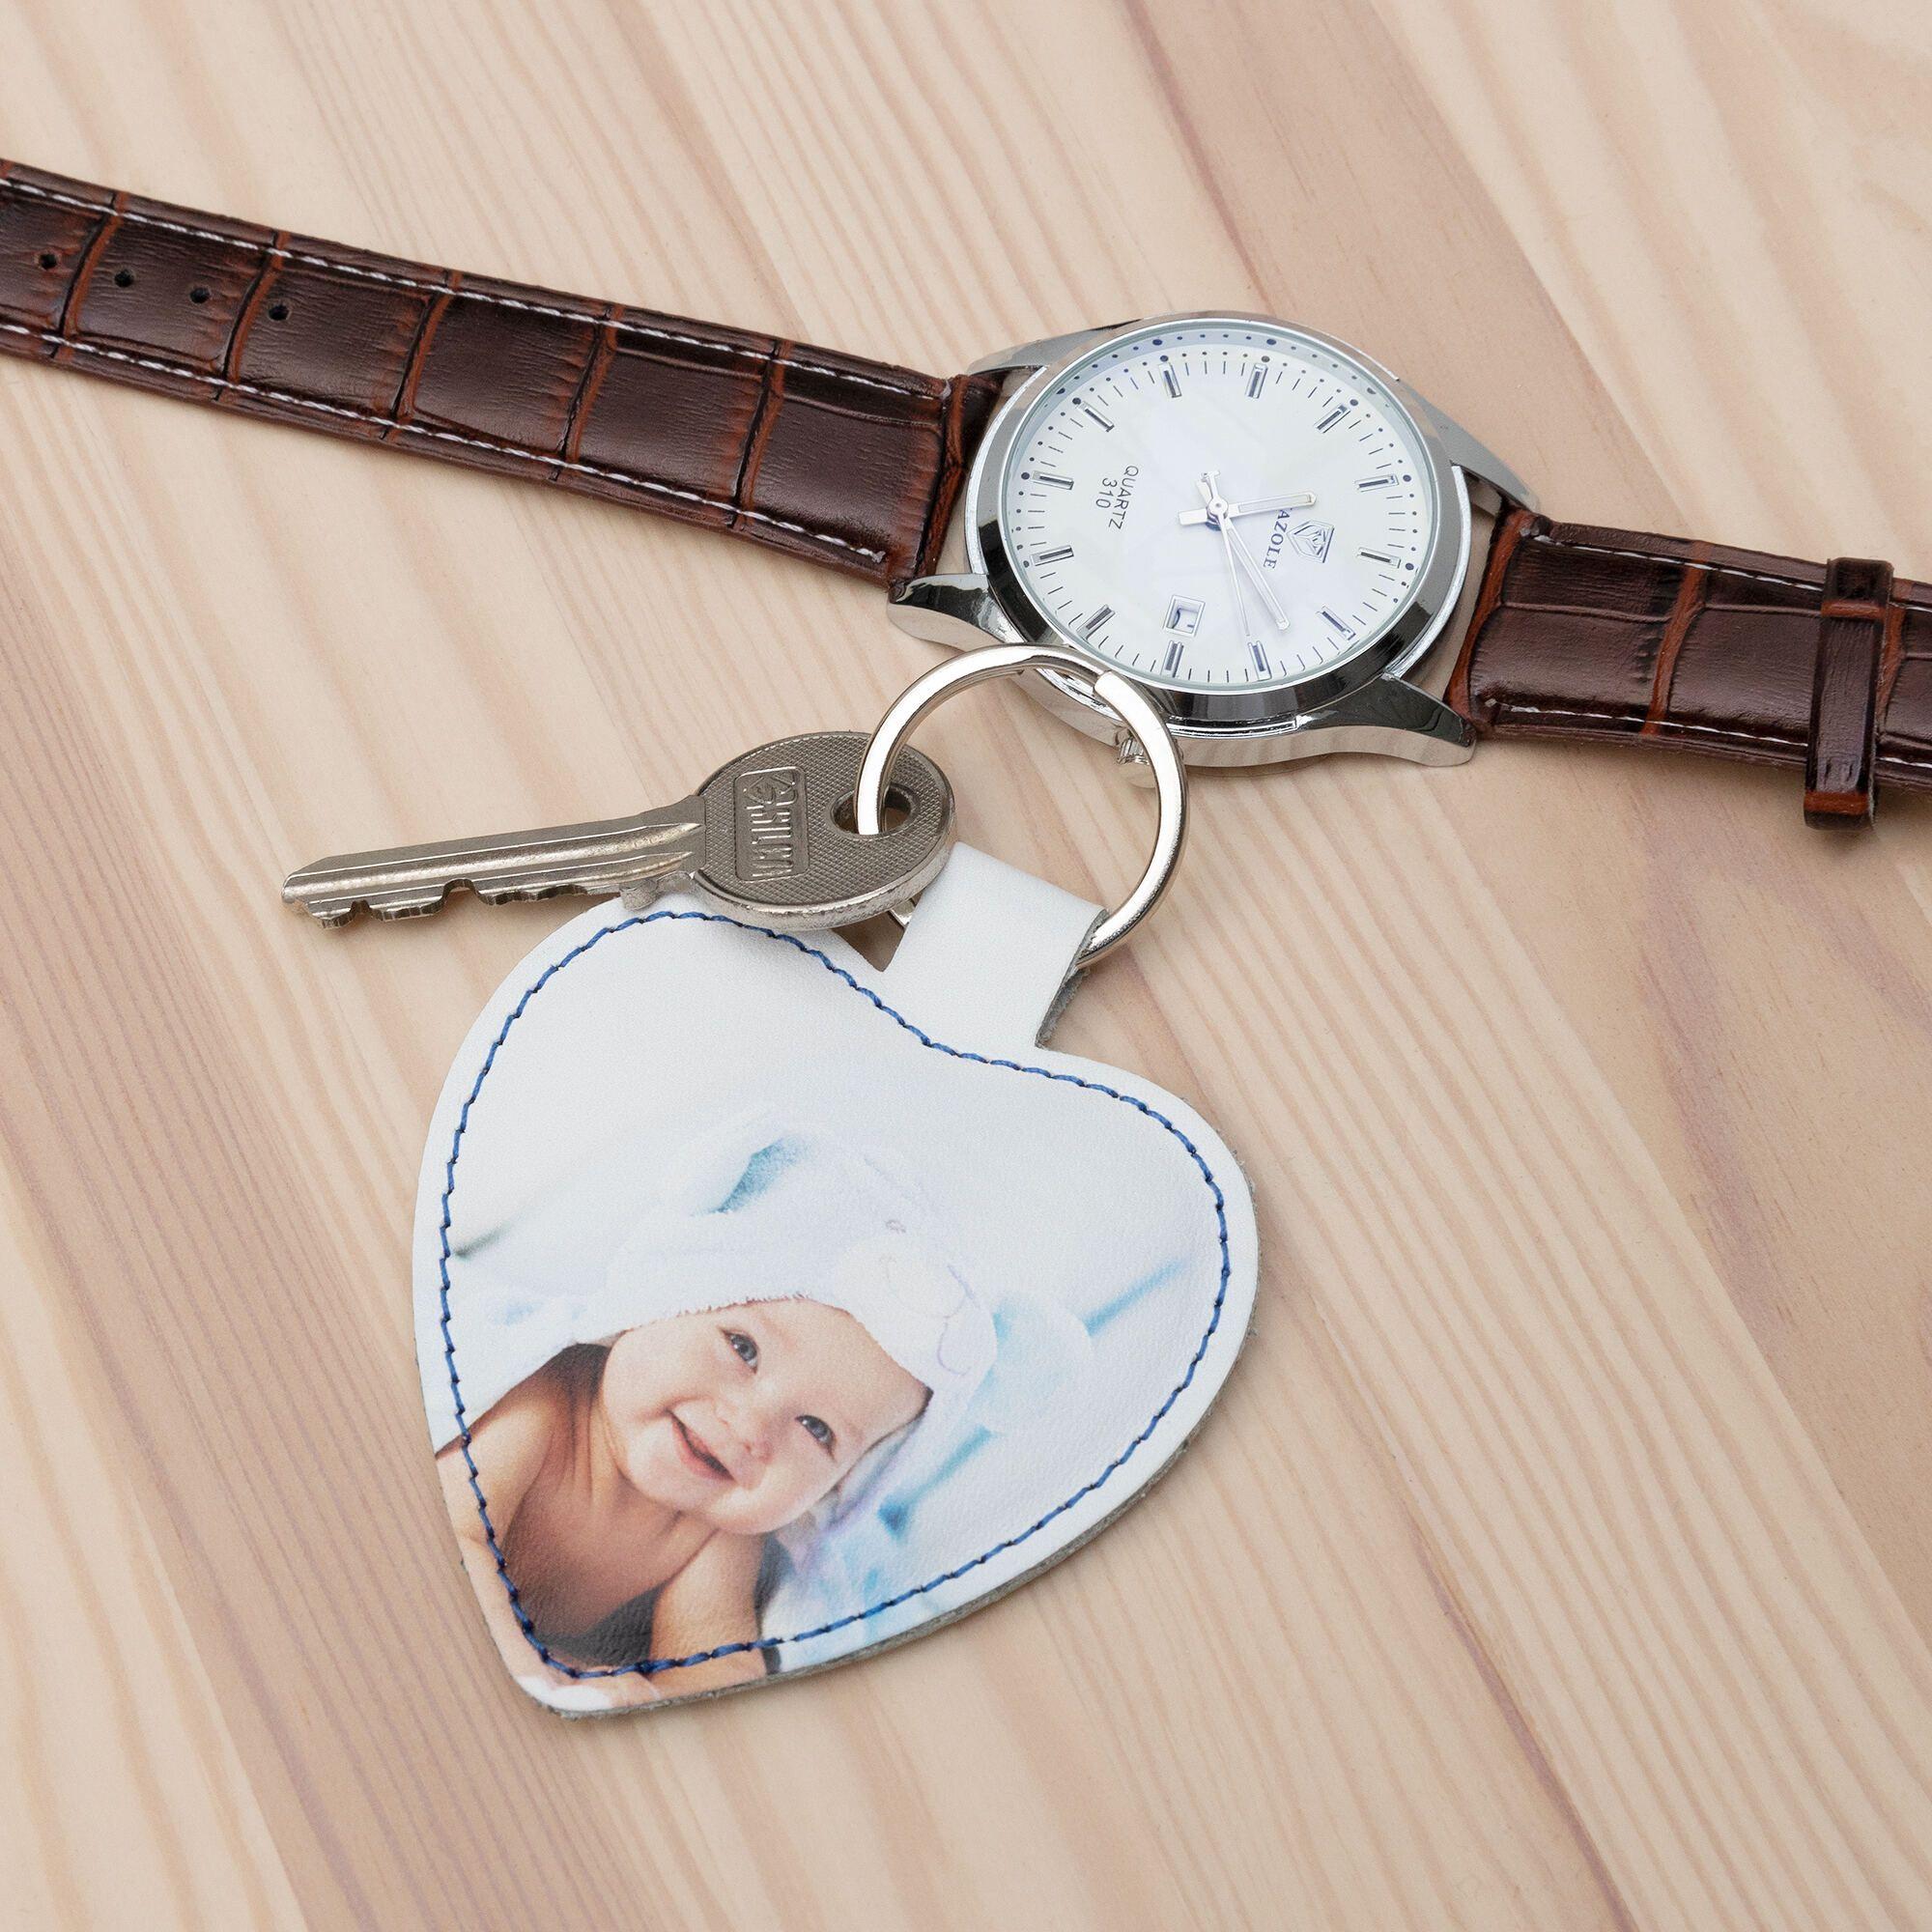 designa din egen nyckelring